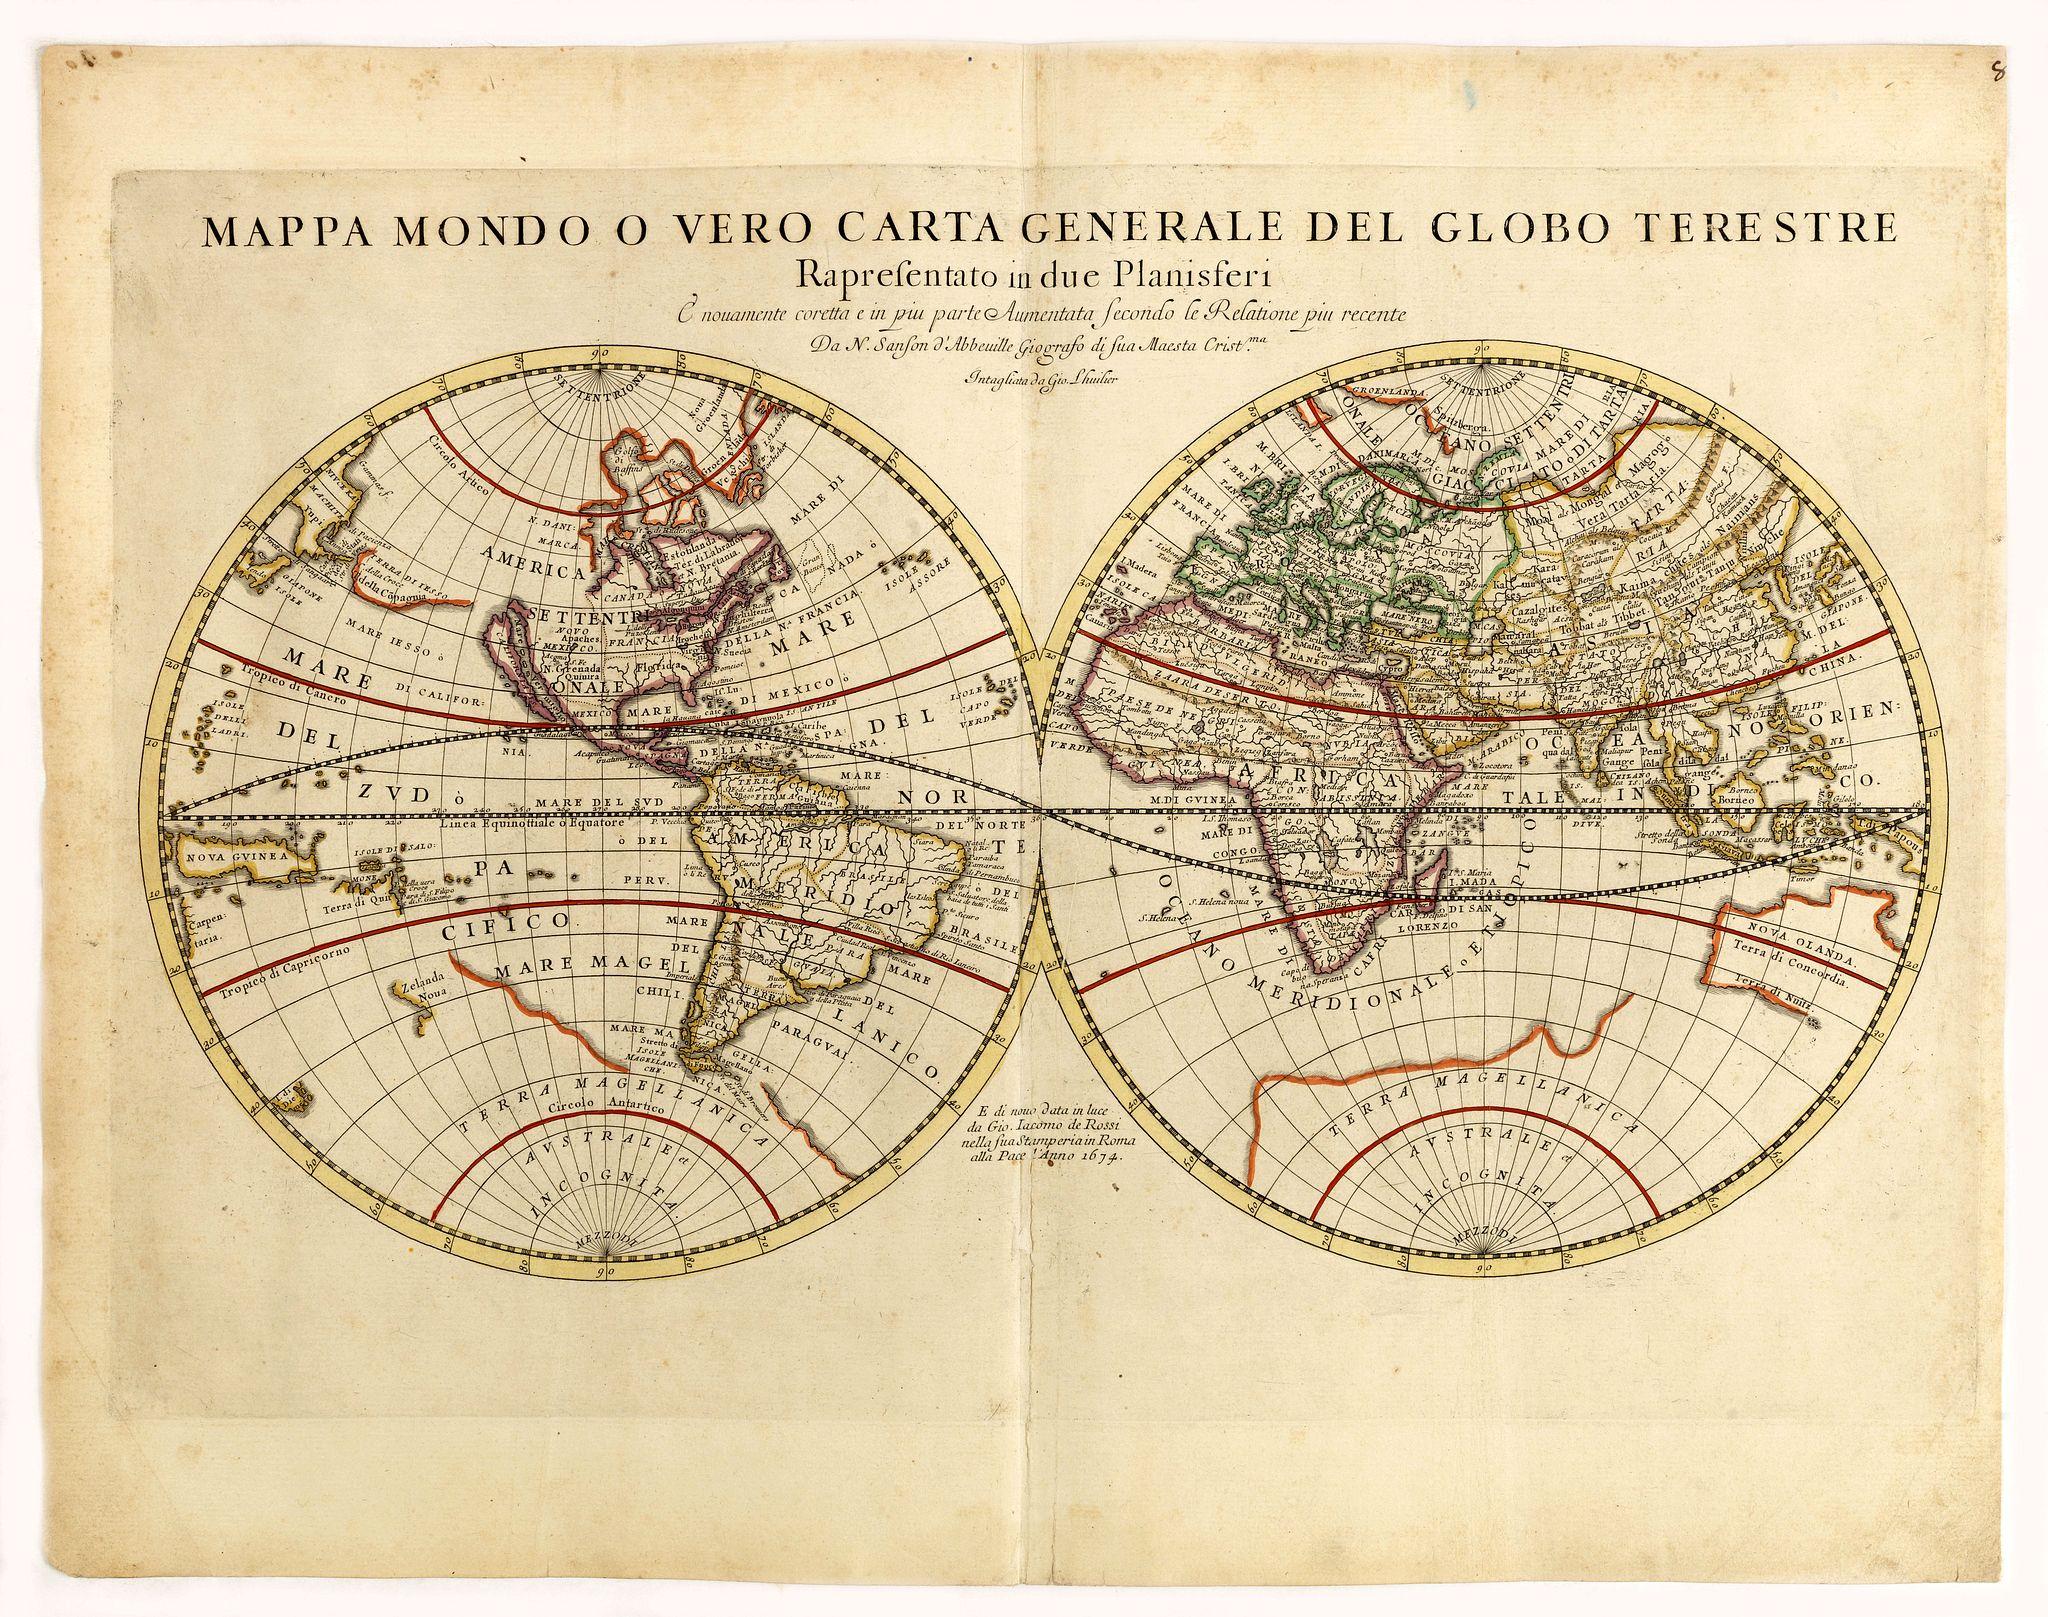 DE ROSSI, G. -  Mappa mondo o vero carta generale del globo terestre…